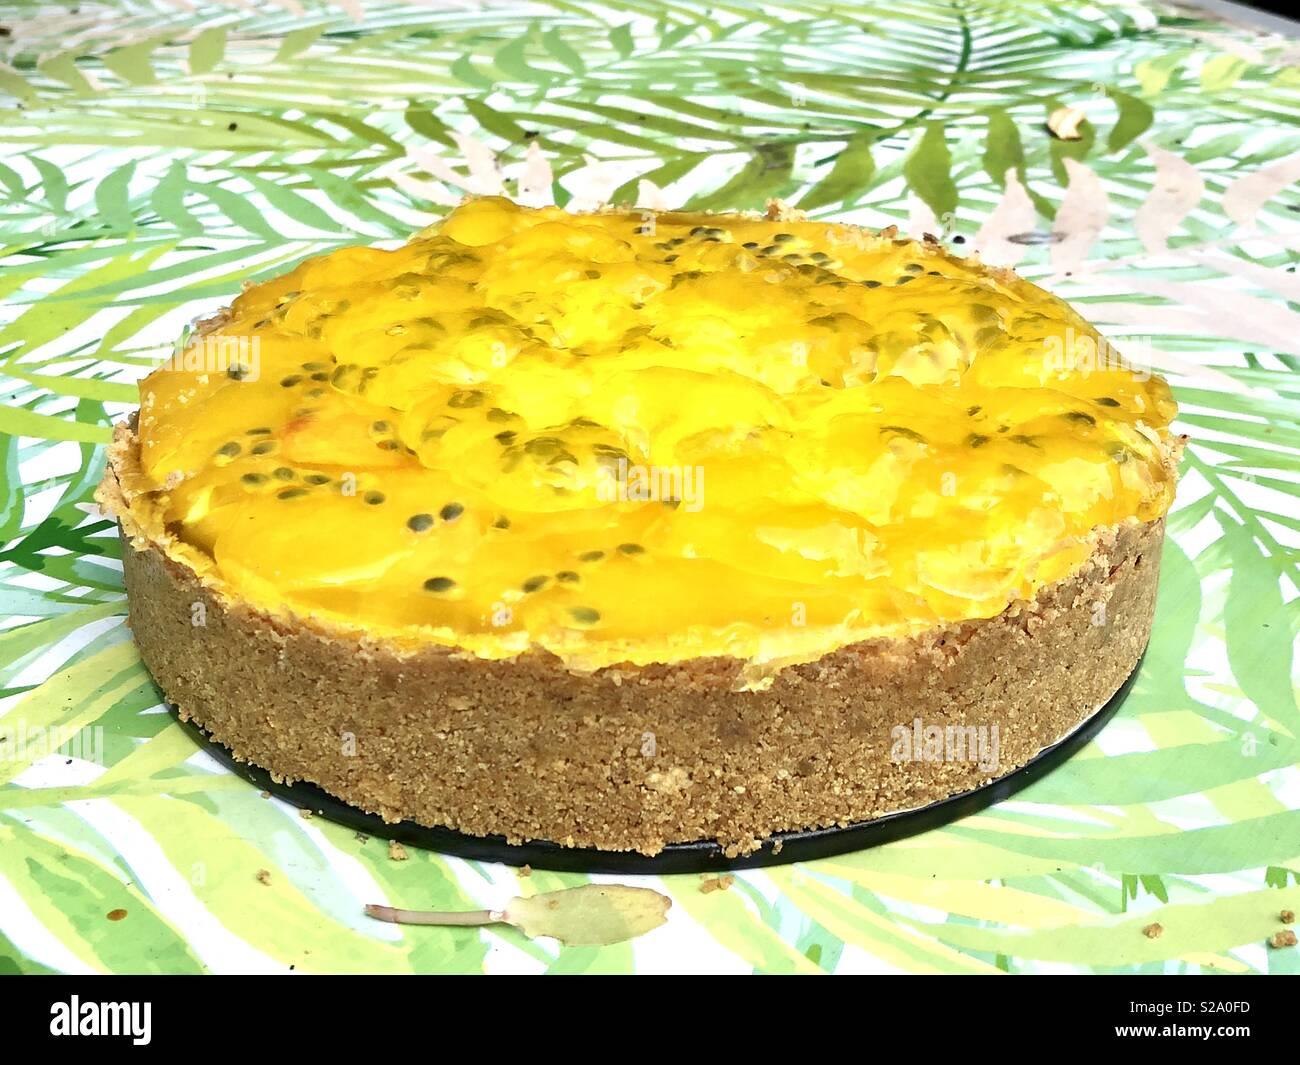 Gâteau au fromage fait maison Photo Stock